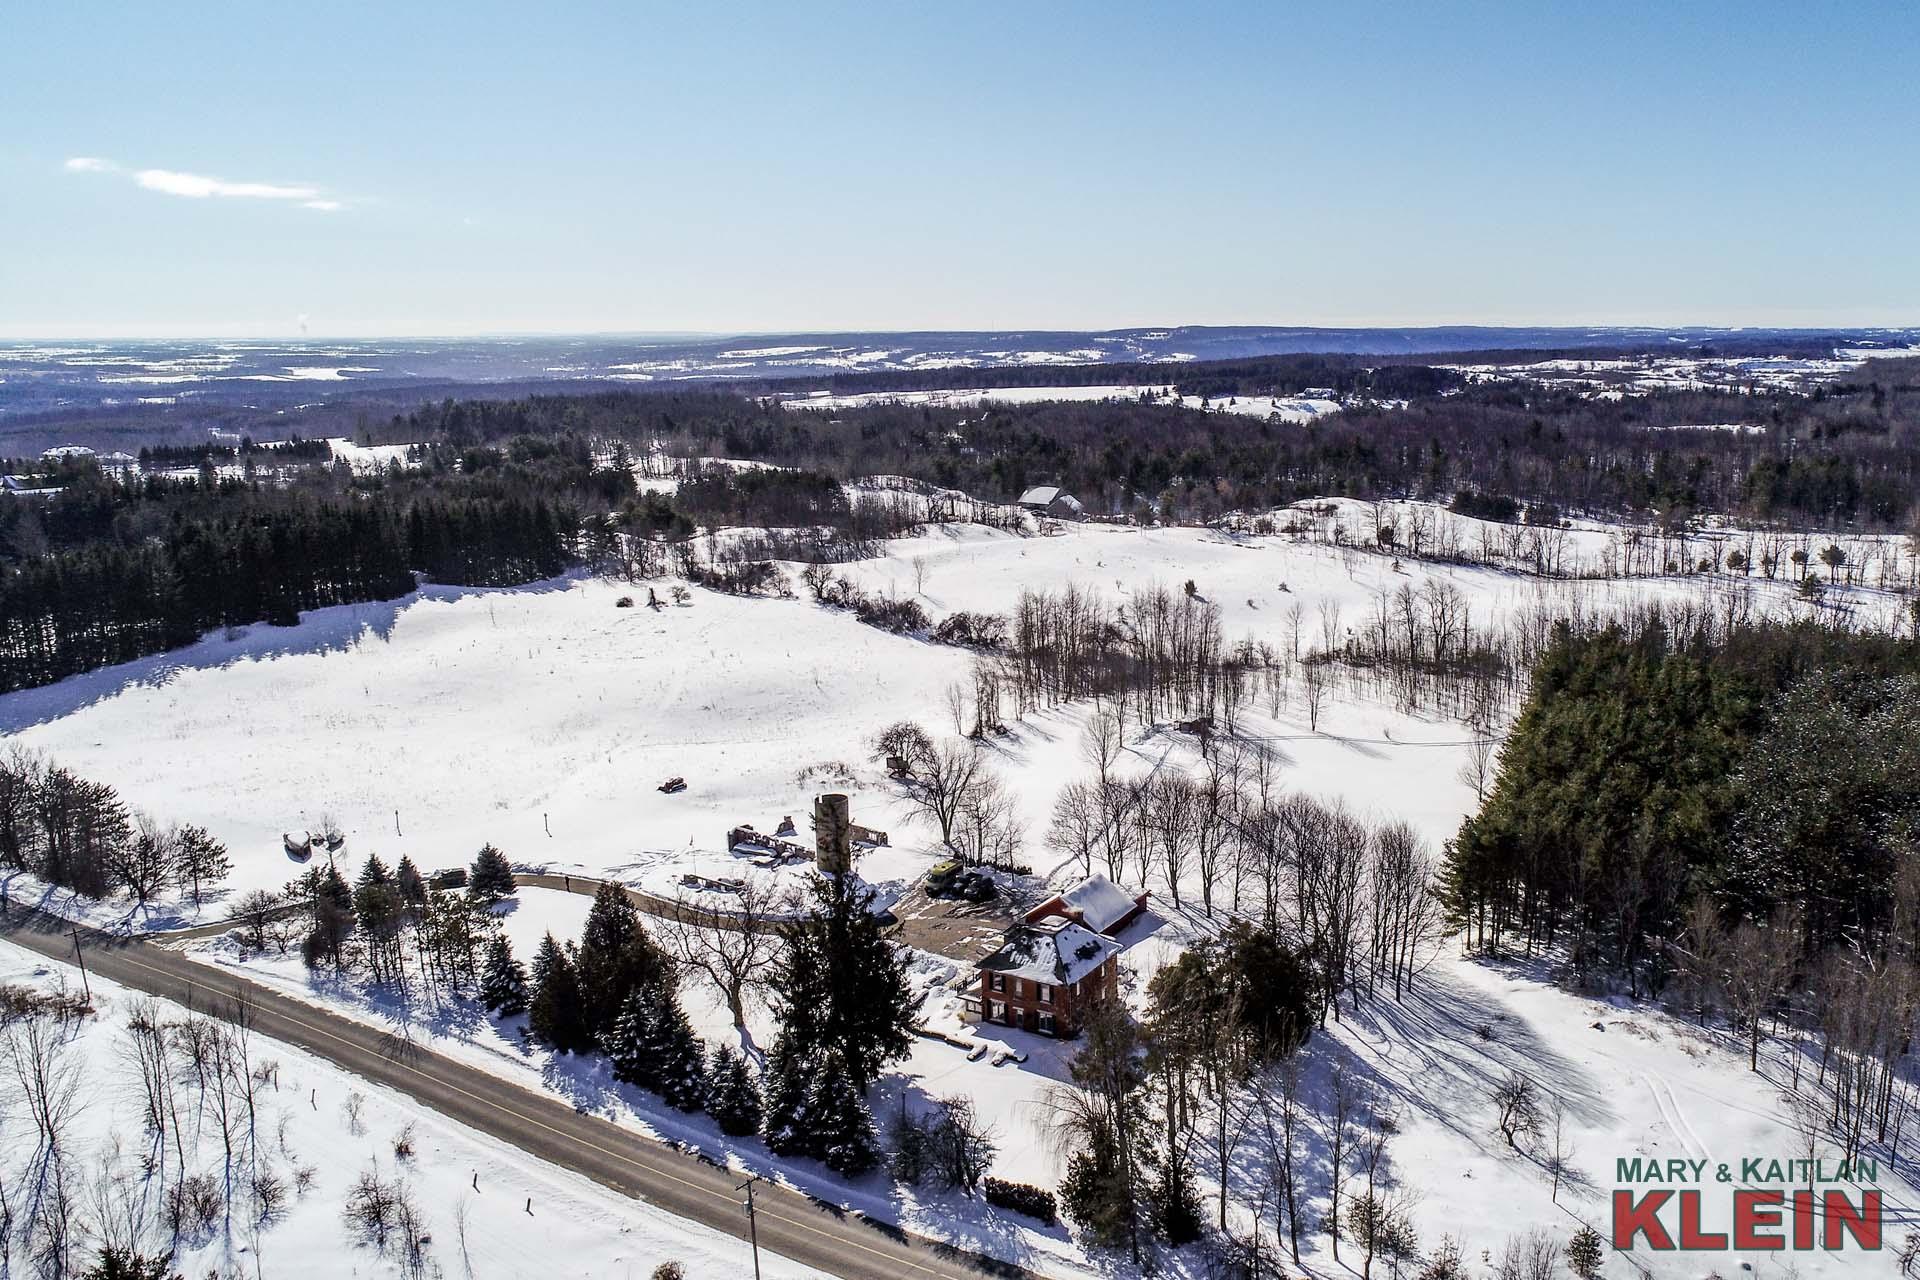 30 Acres, Caledon, Ontario, Home for Sale, Mary Klein, Kait Klein